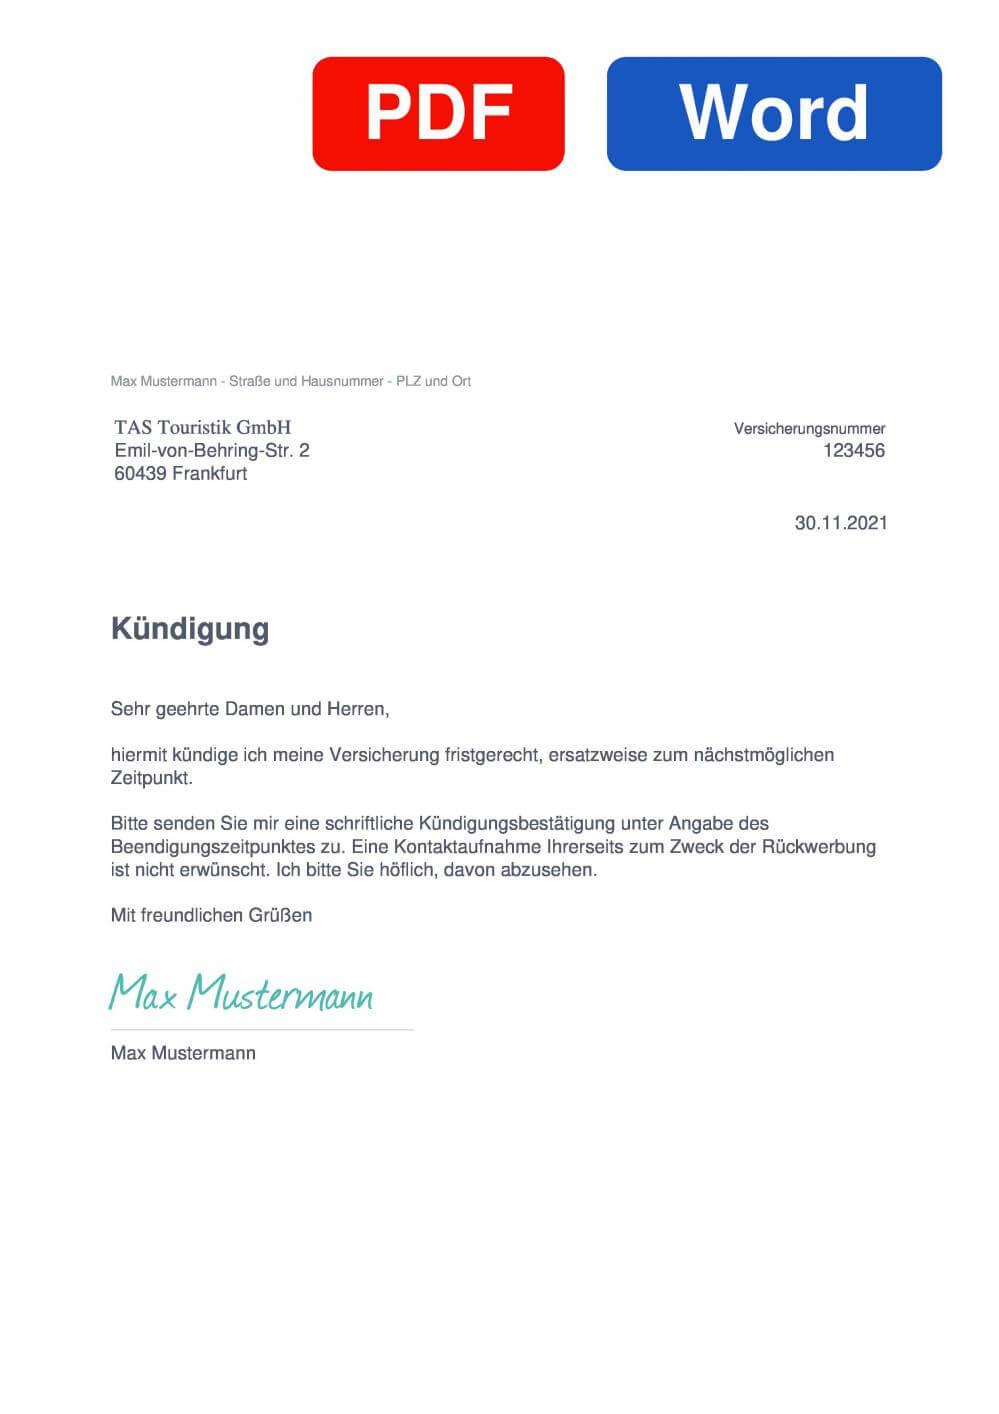 TAS Reiseschutz Muster Vorlage für Kündigungsschreiben